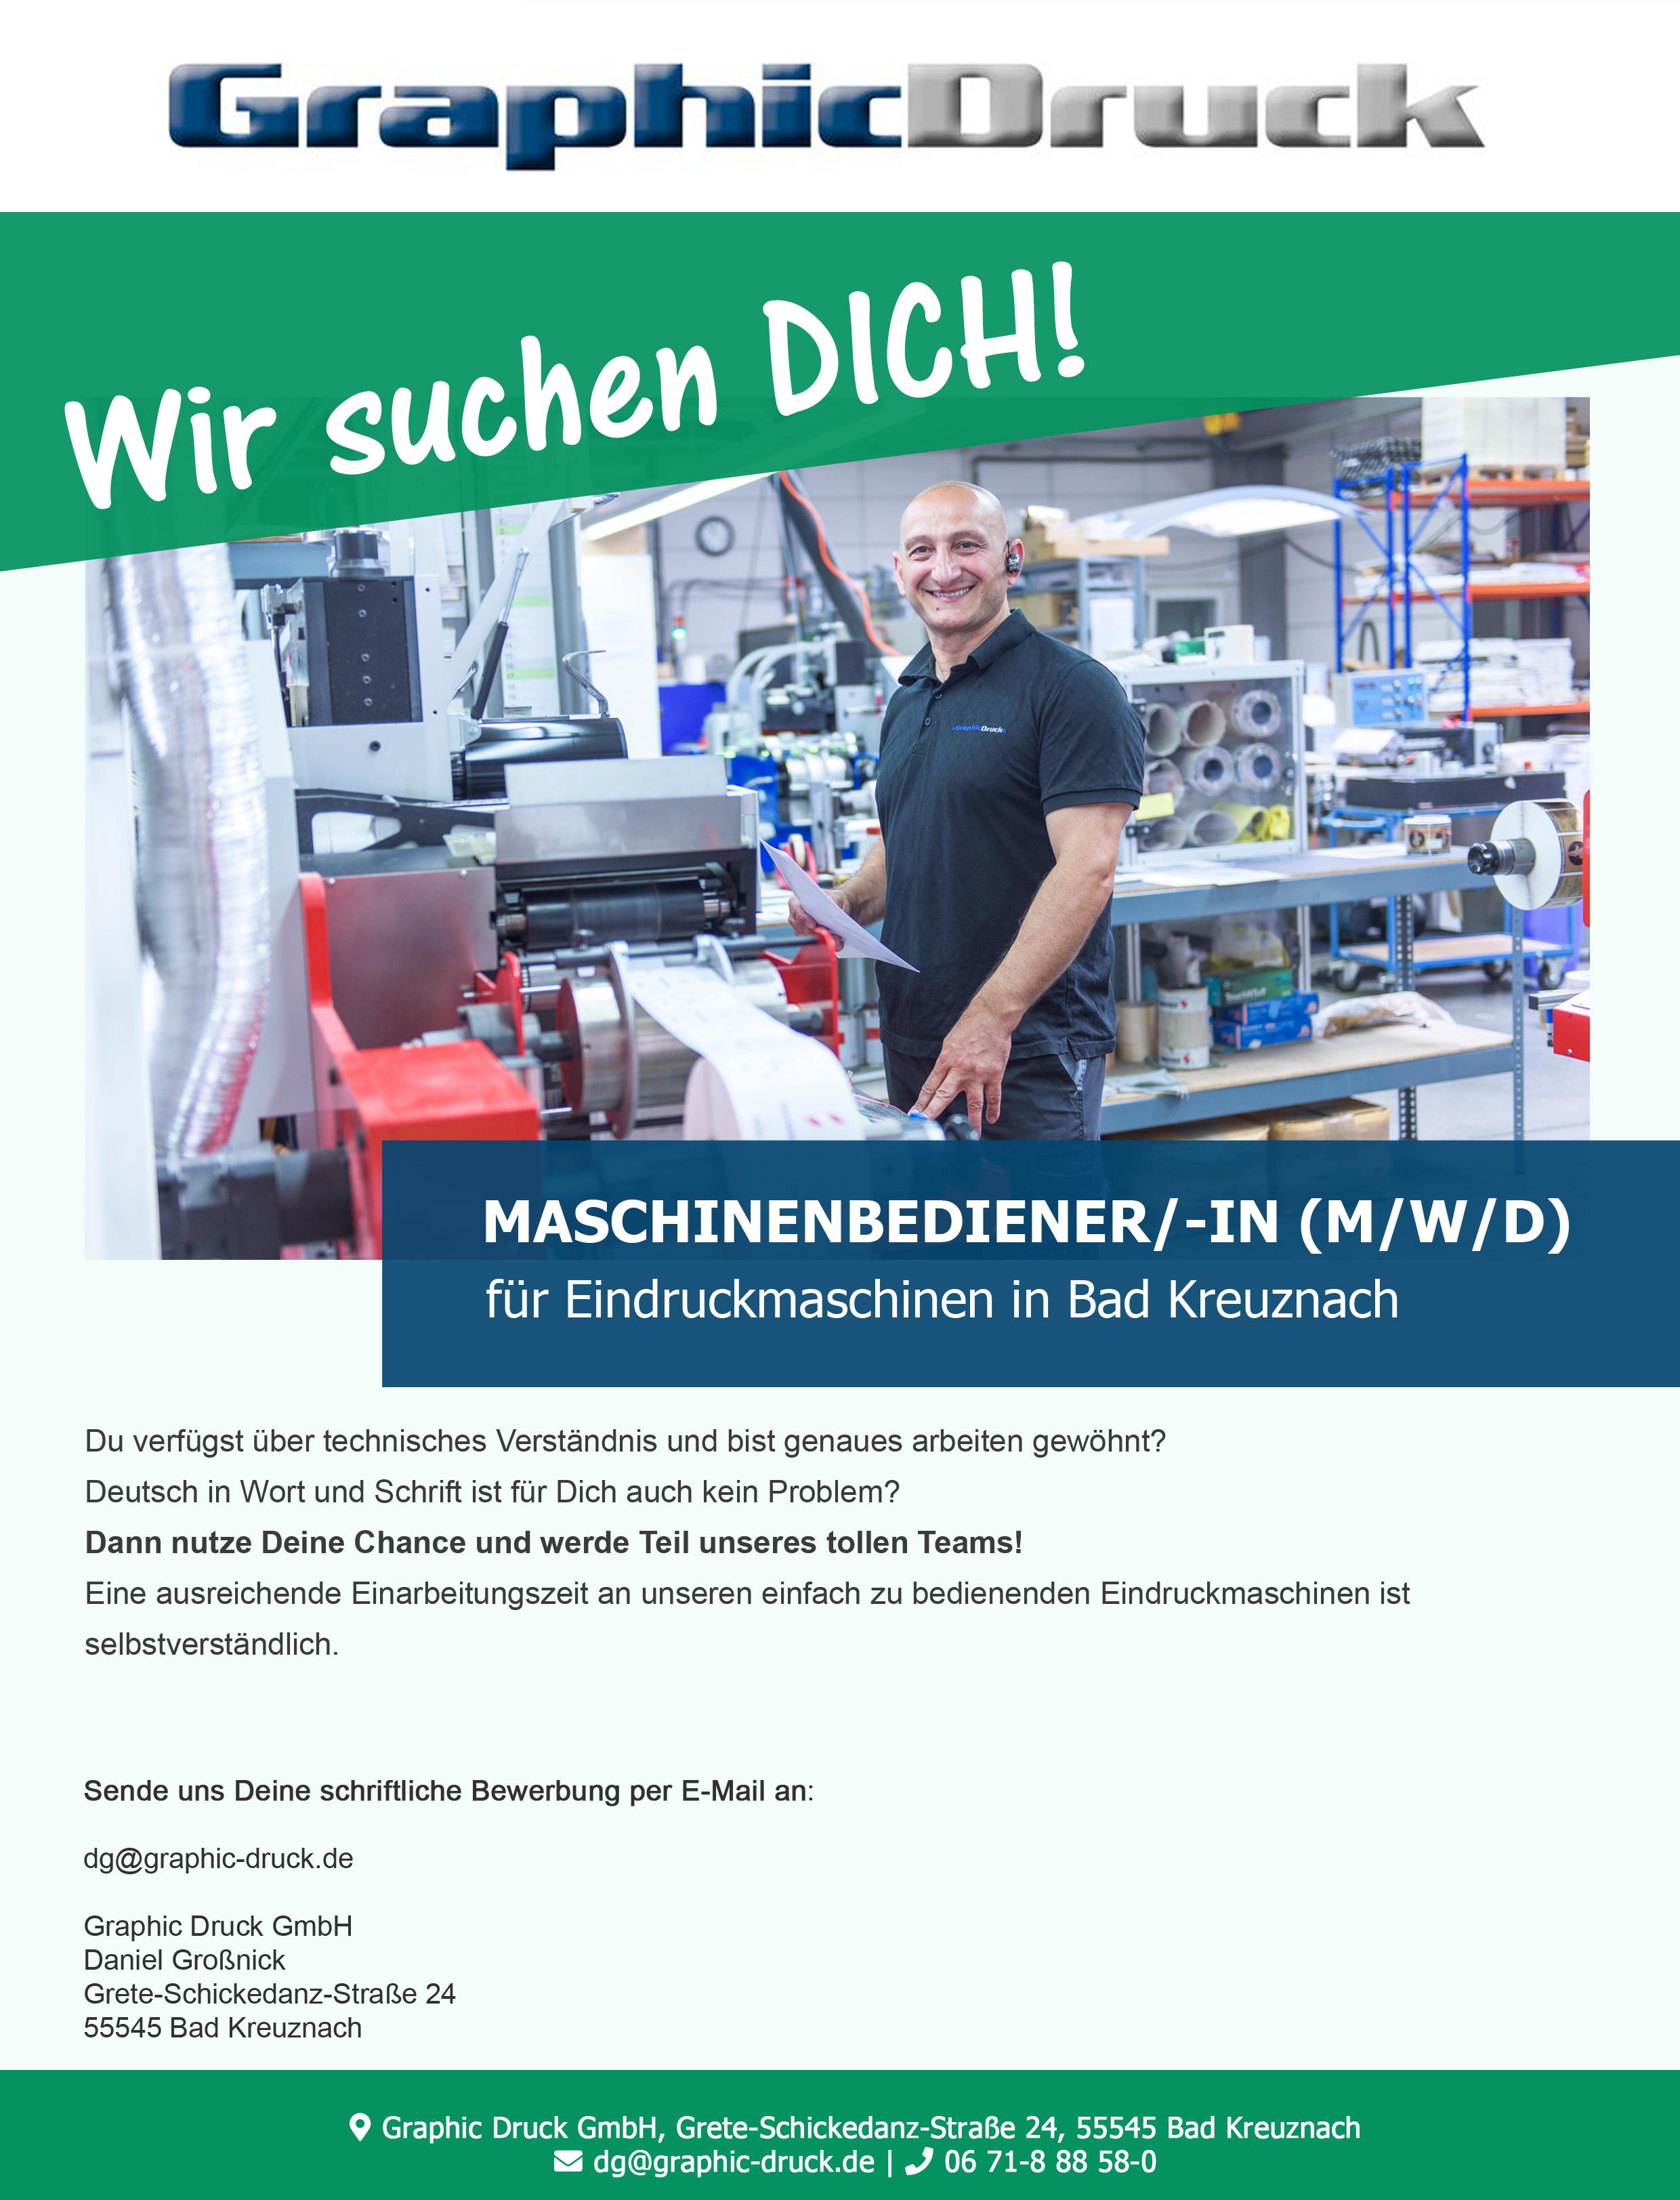 Wir suchen dich! - Maschinenbediener/ - in ( m/w/d )